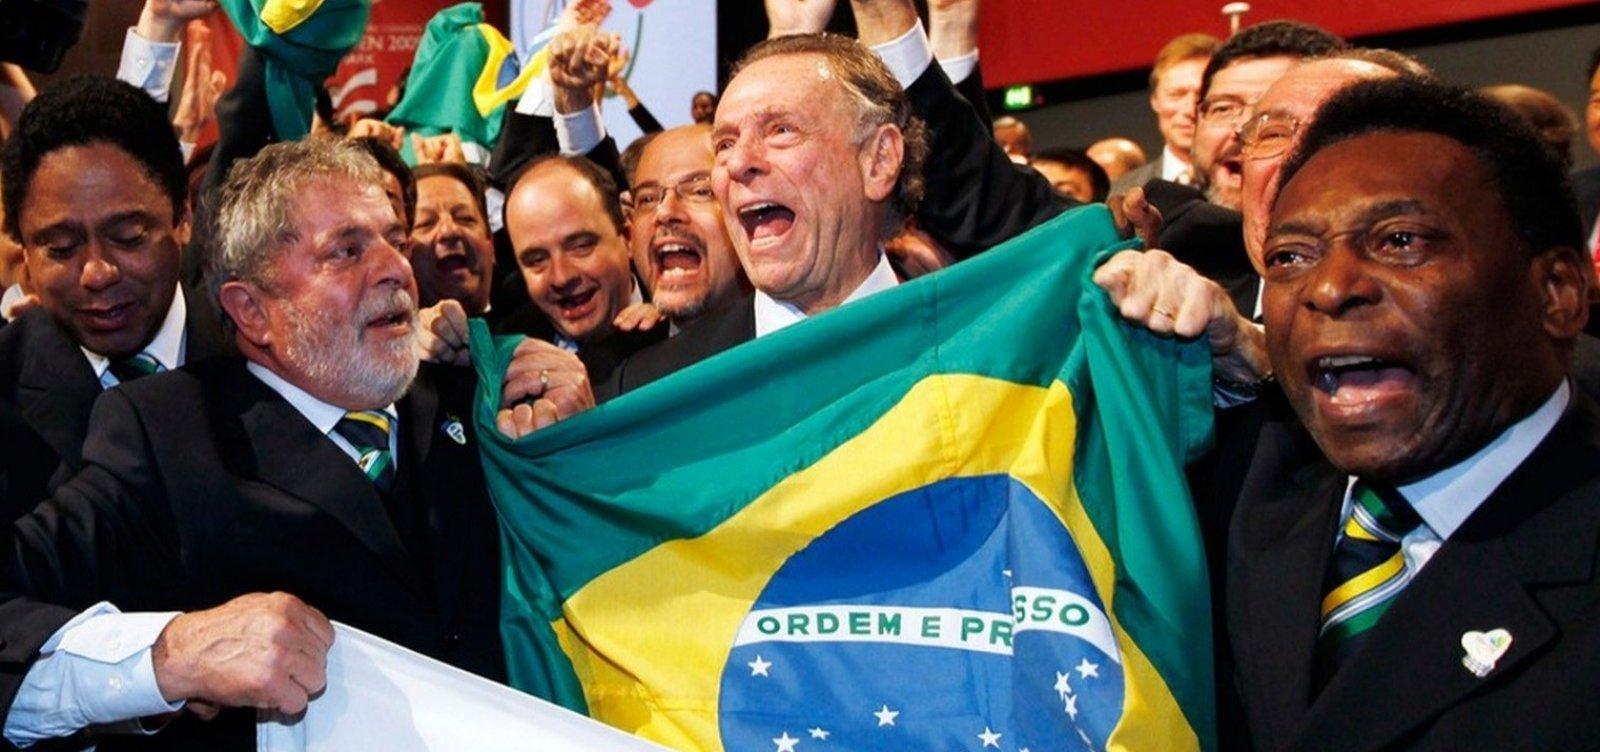 [Lula e Pelé serão ouvidos hoje em processo da Lava Jato sobre a Rio 2016]